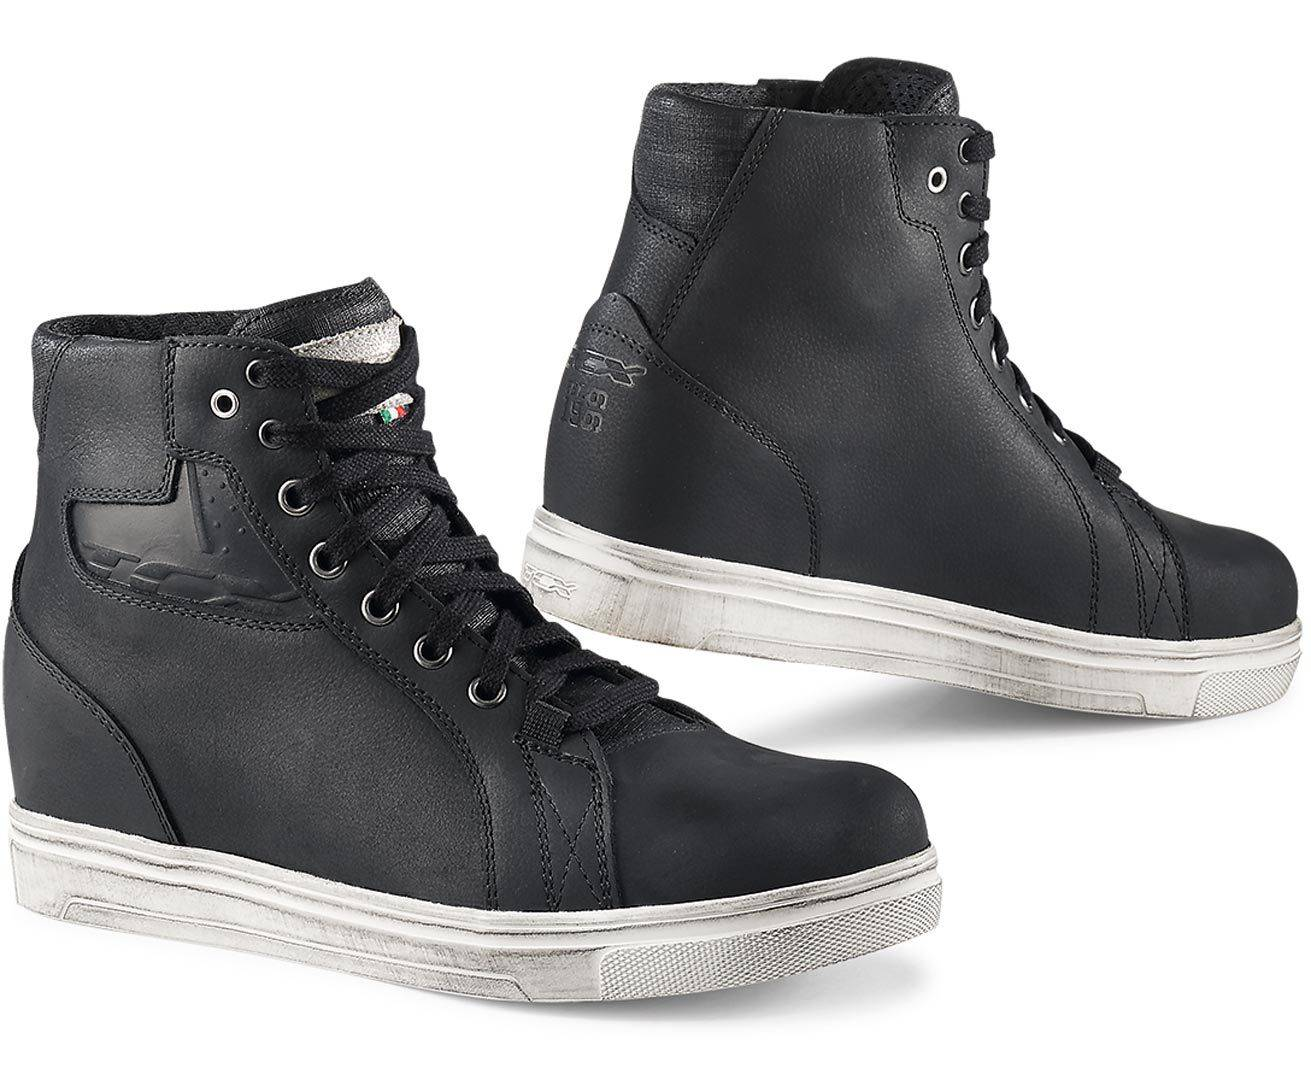 TCX Street Ace waterproof Ladies Motorcycle Shoes Black 38